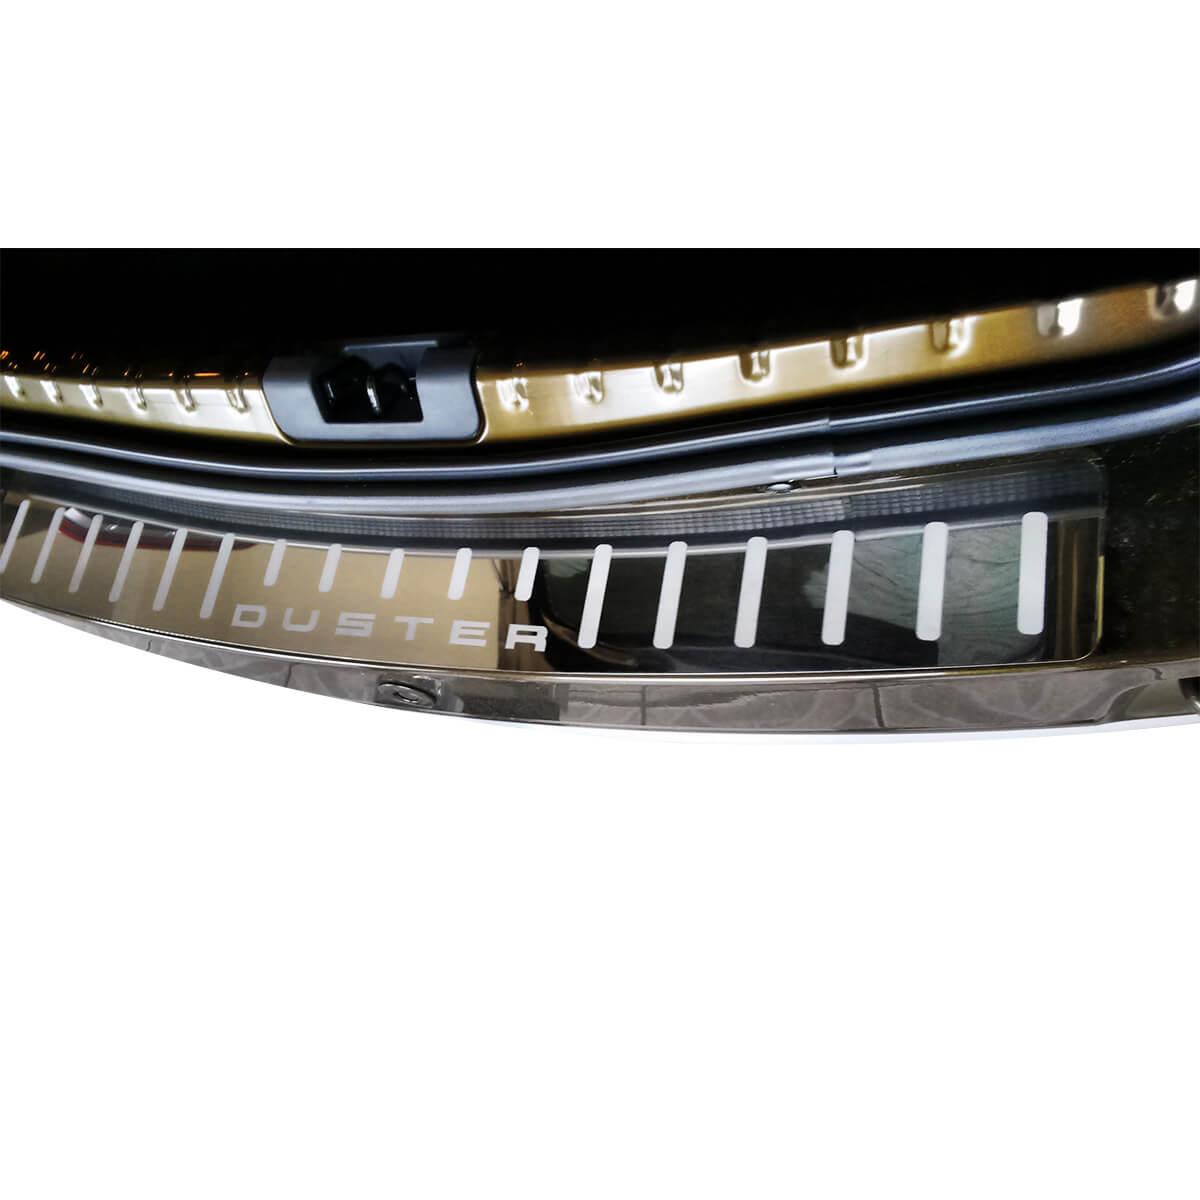 Protetor de soleira porta malas aço inox Duster 2012 a 2022